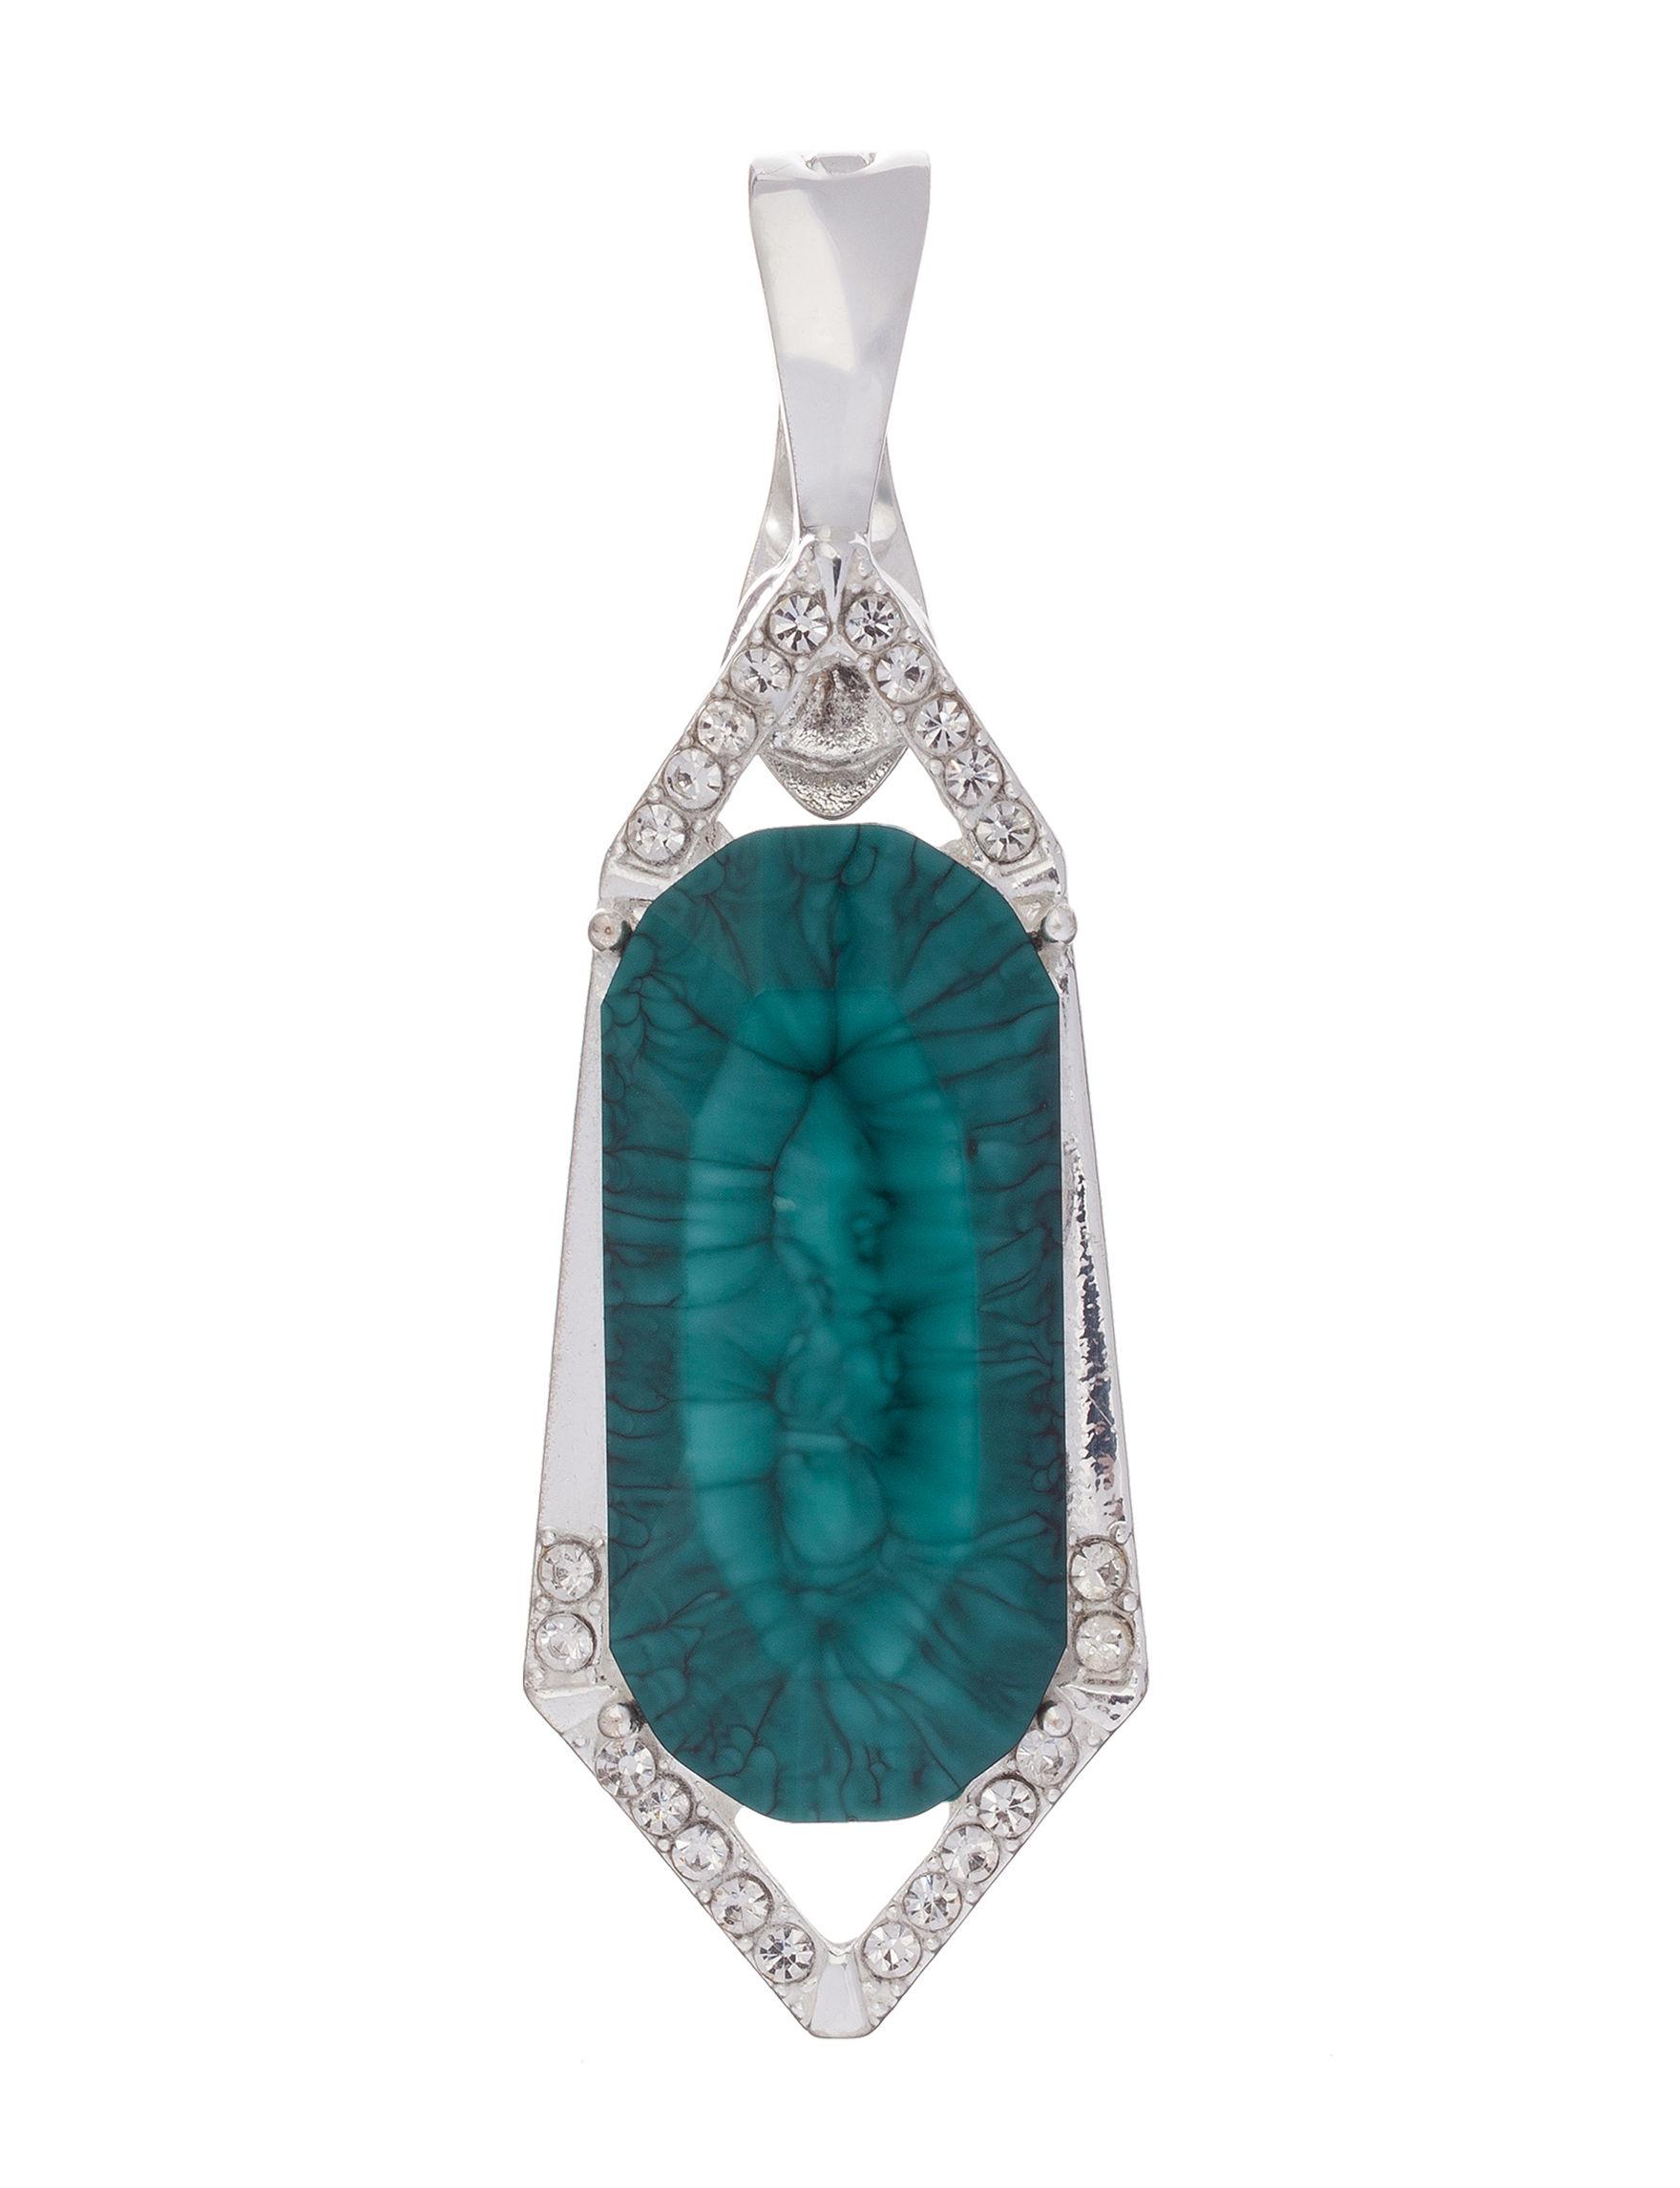 Wearable Art Silver Fashion Jewelry